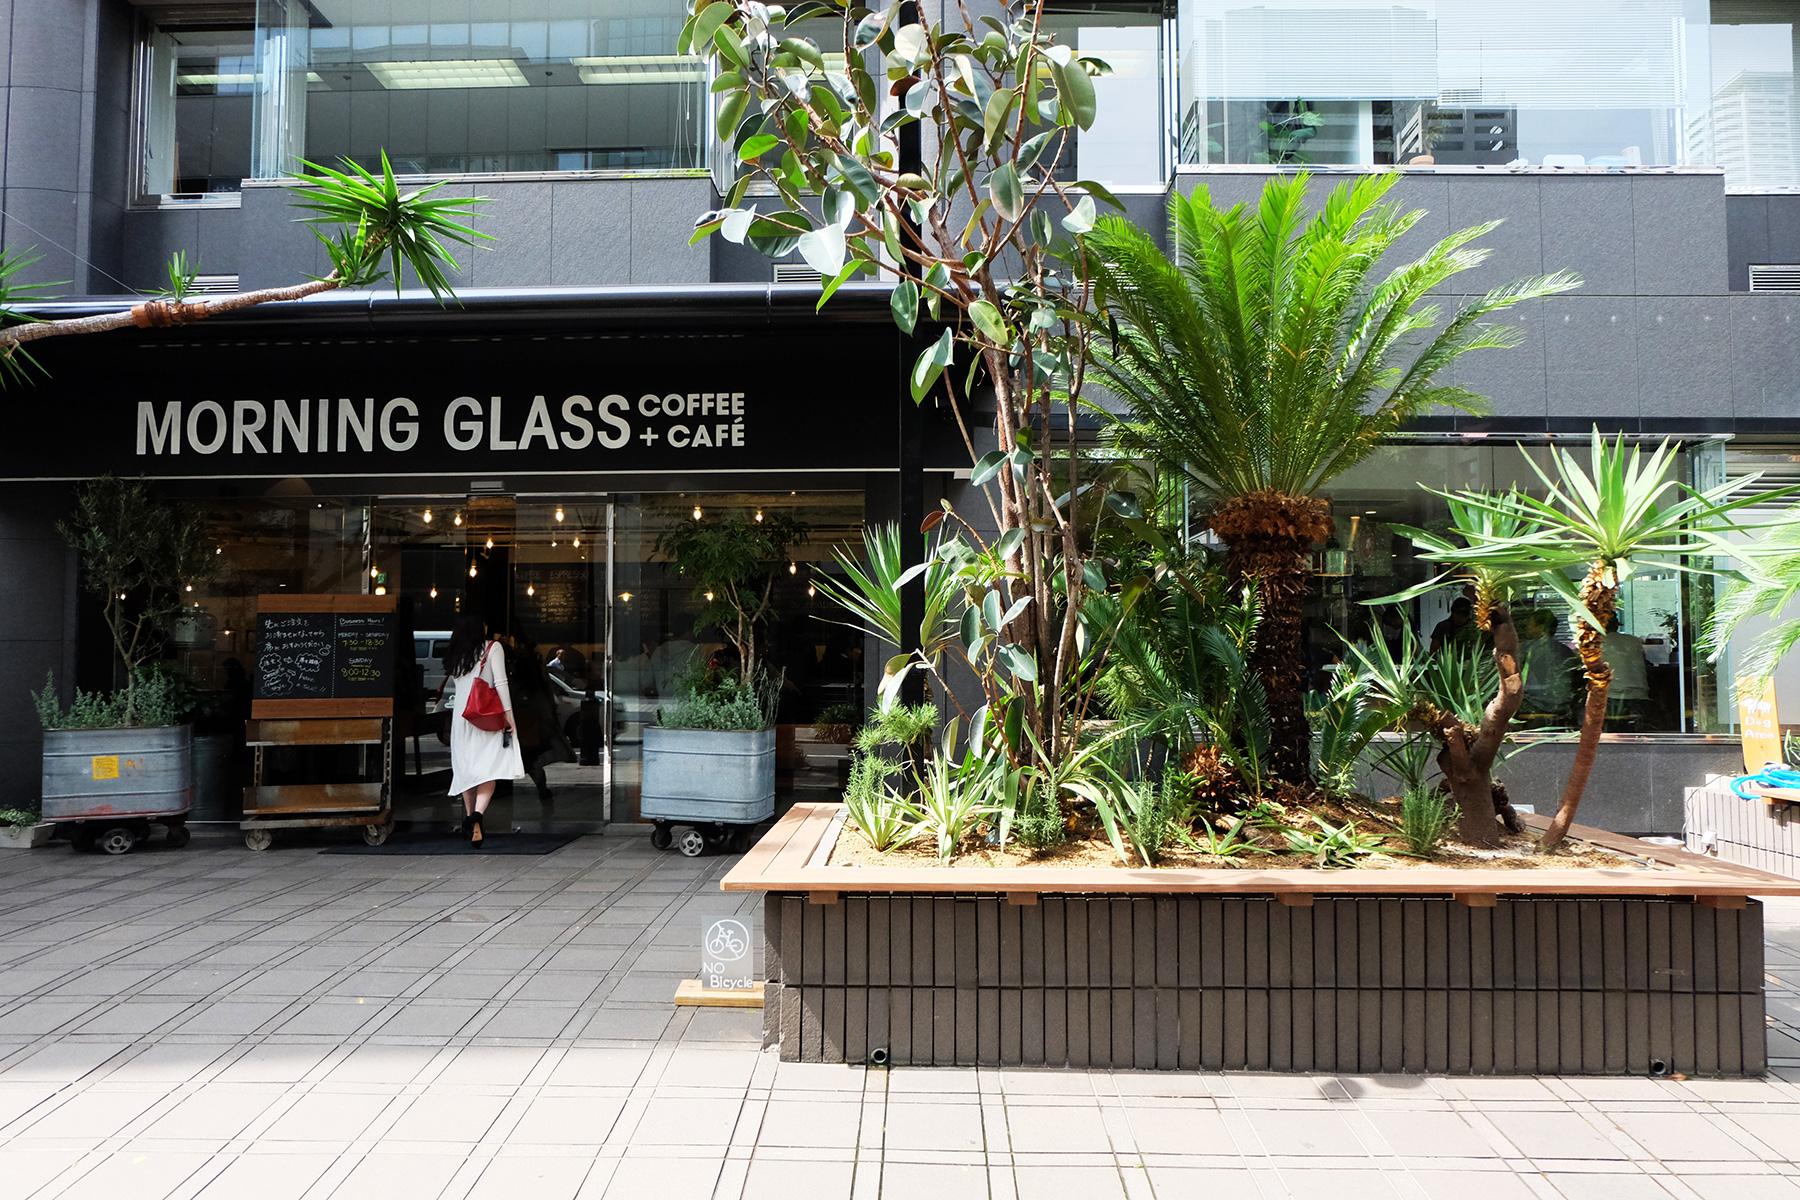 MORNING GLASS COFFEE + CAFE(モーニンググラスコーヒープラスカフェ) - ハワイの風を感じに日本初出店のカフェへ